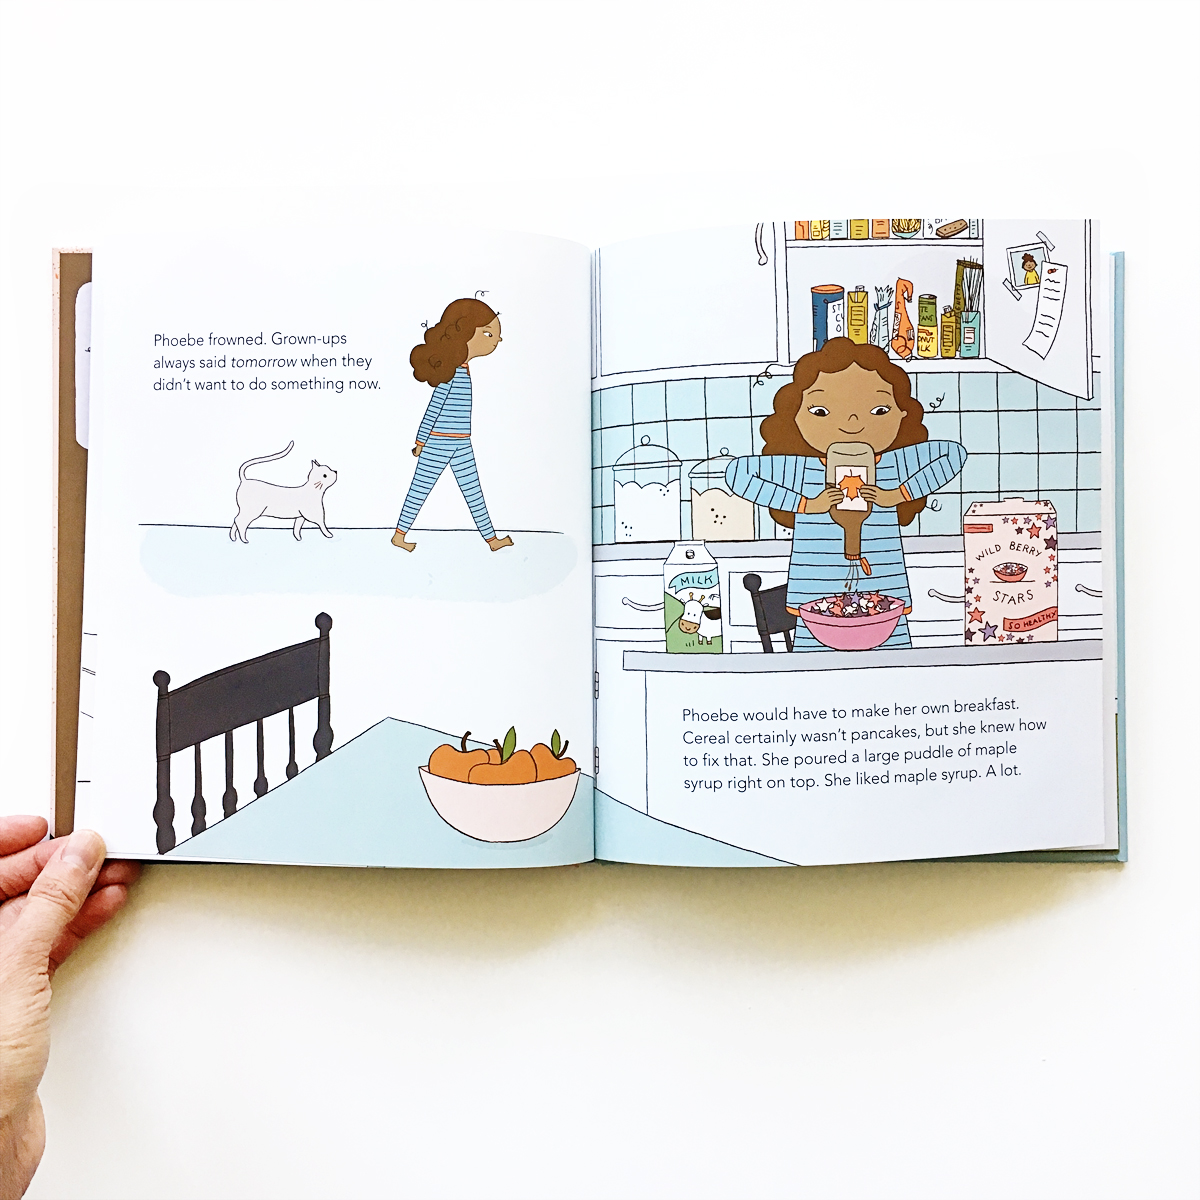 Not 'Til Tomorrow Phoebe | Books For Diversity